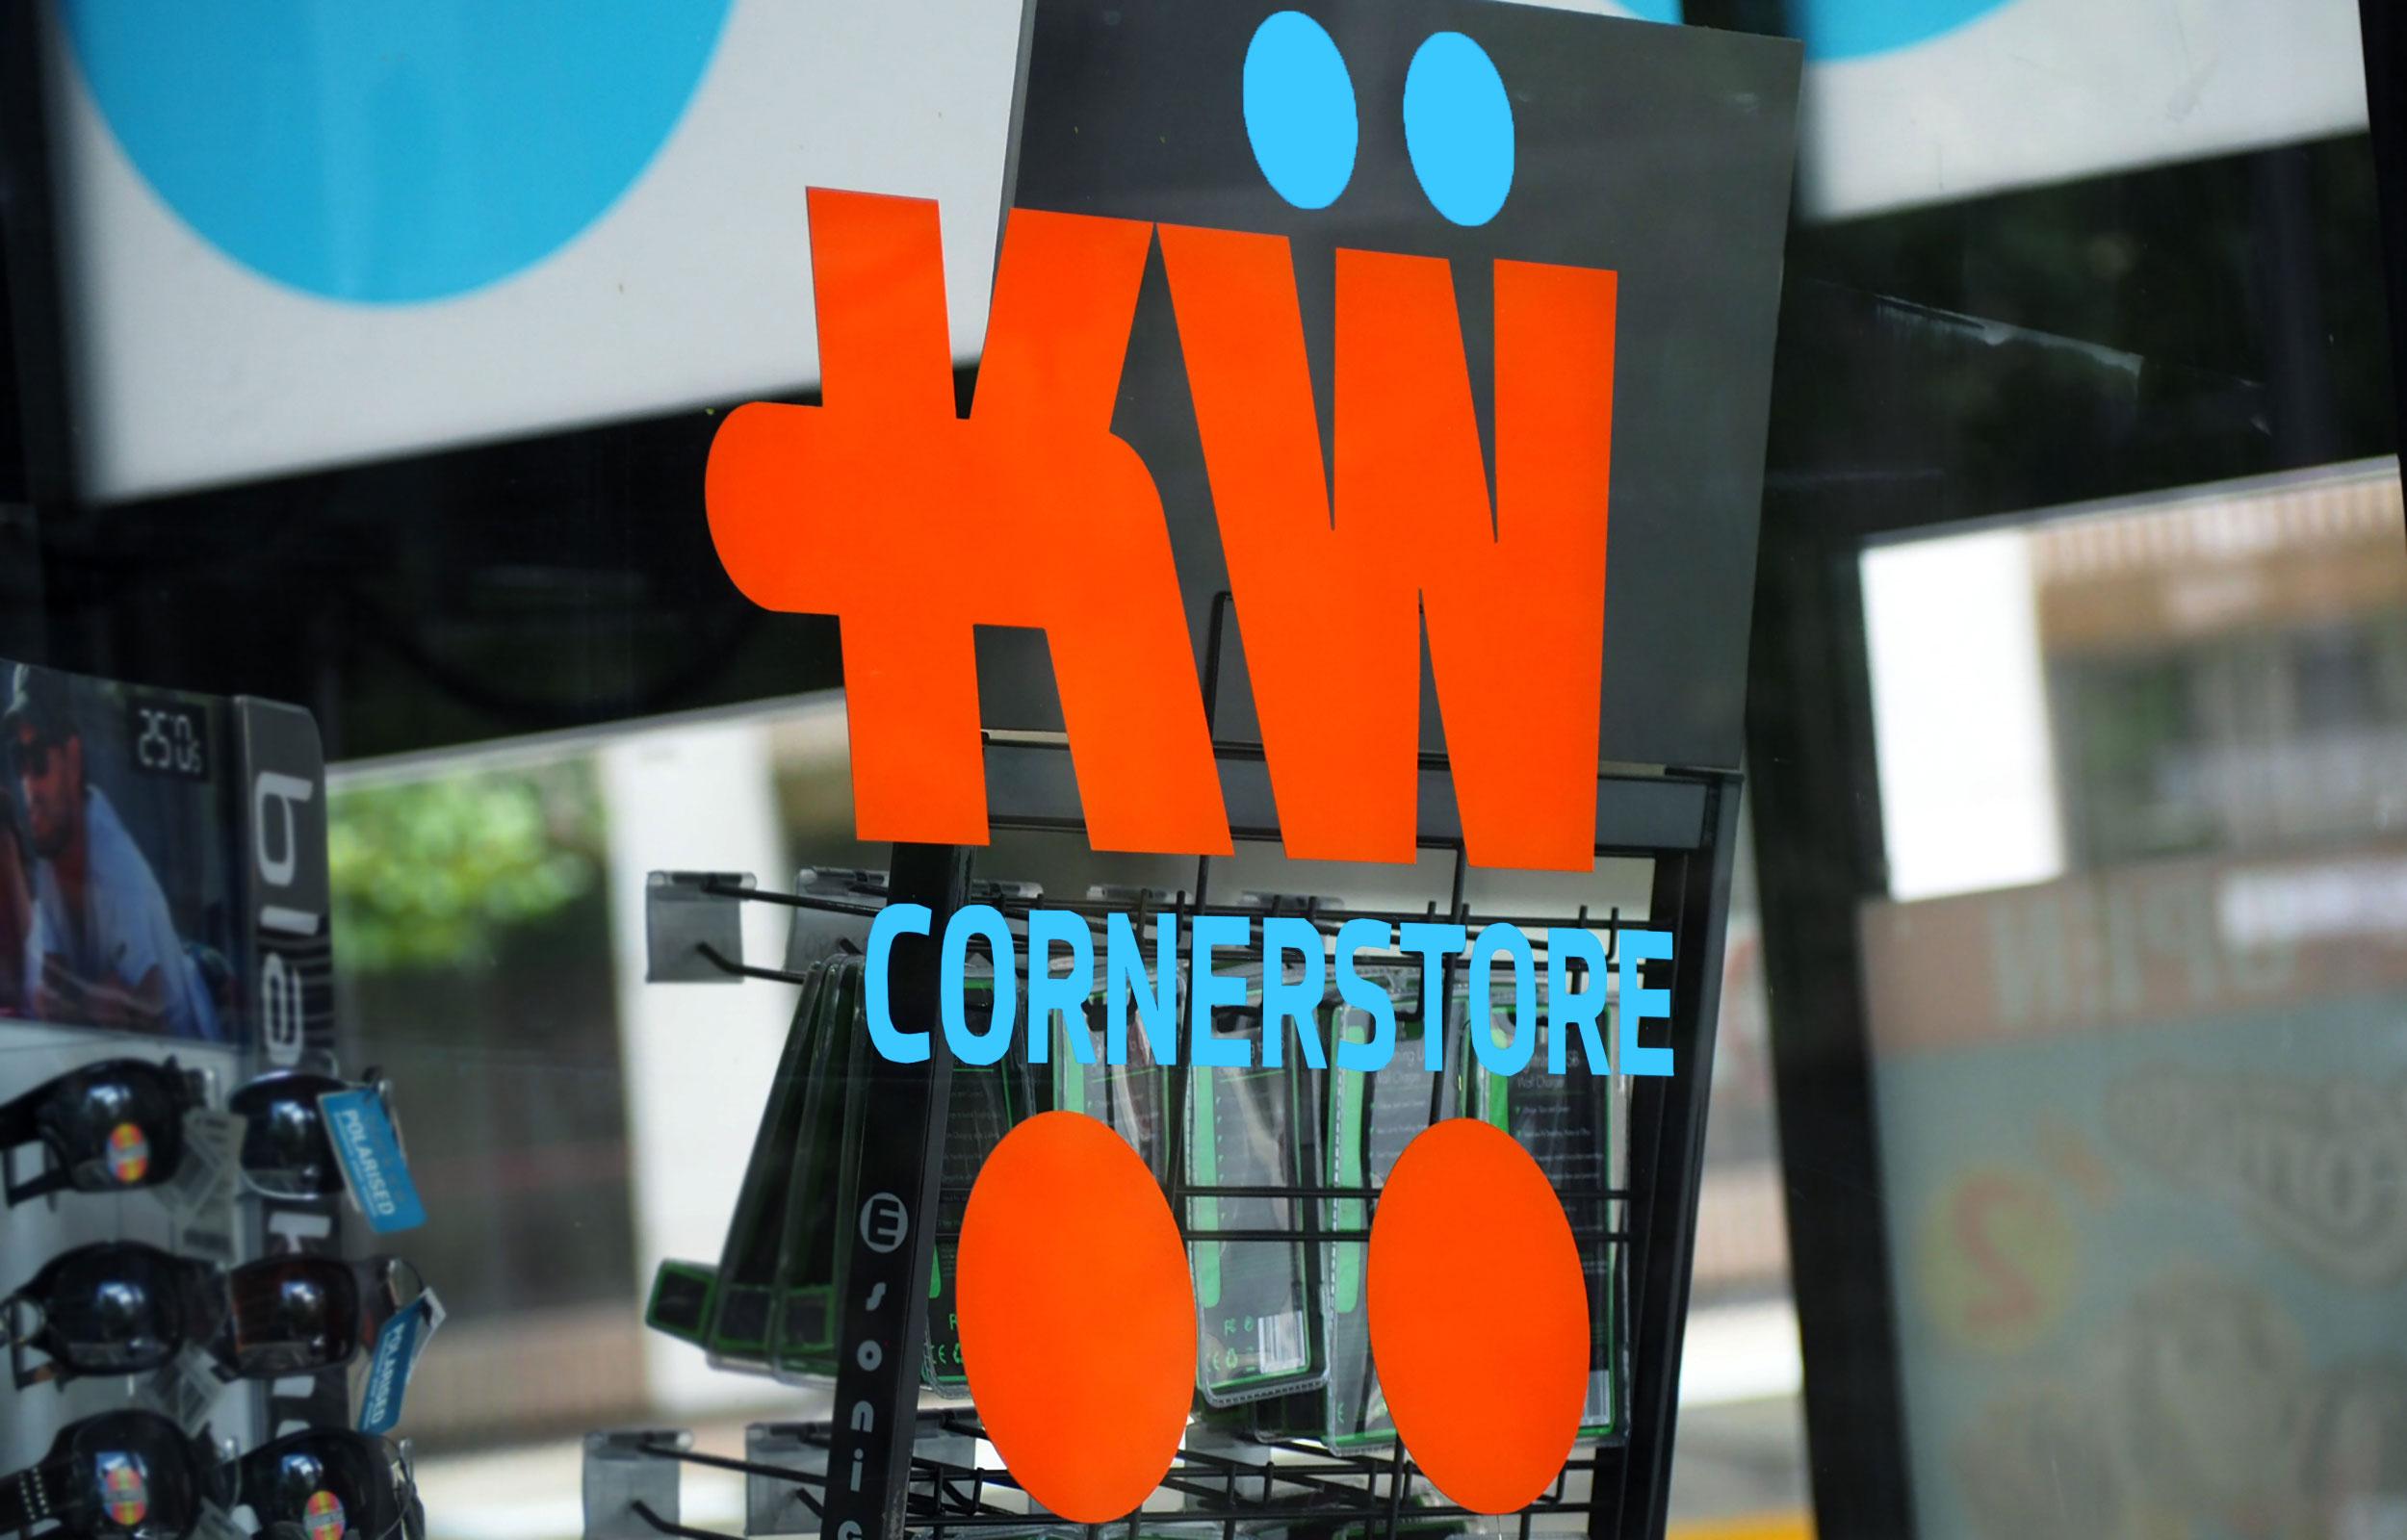 enoki-graphic-kwcornerstore-5.jpg